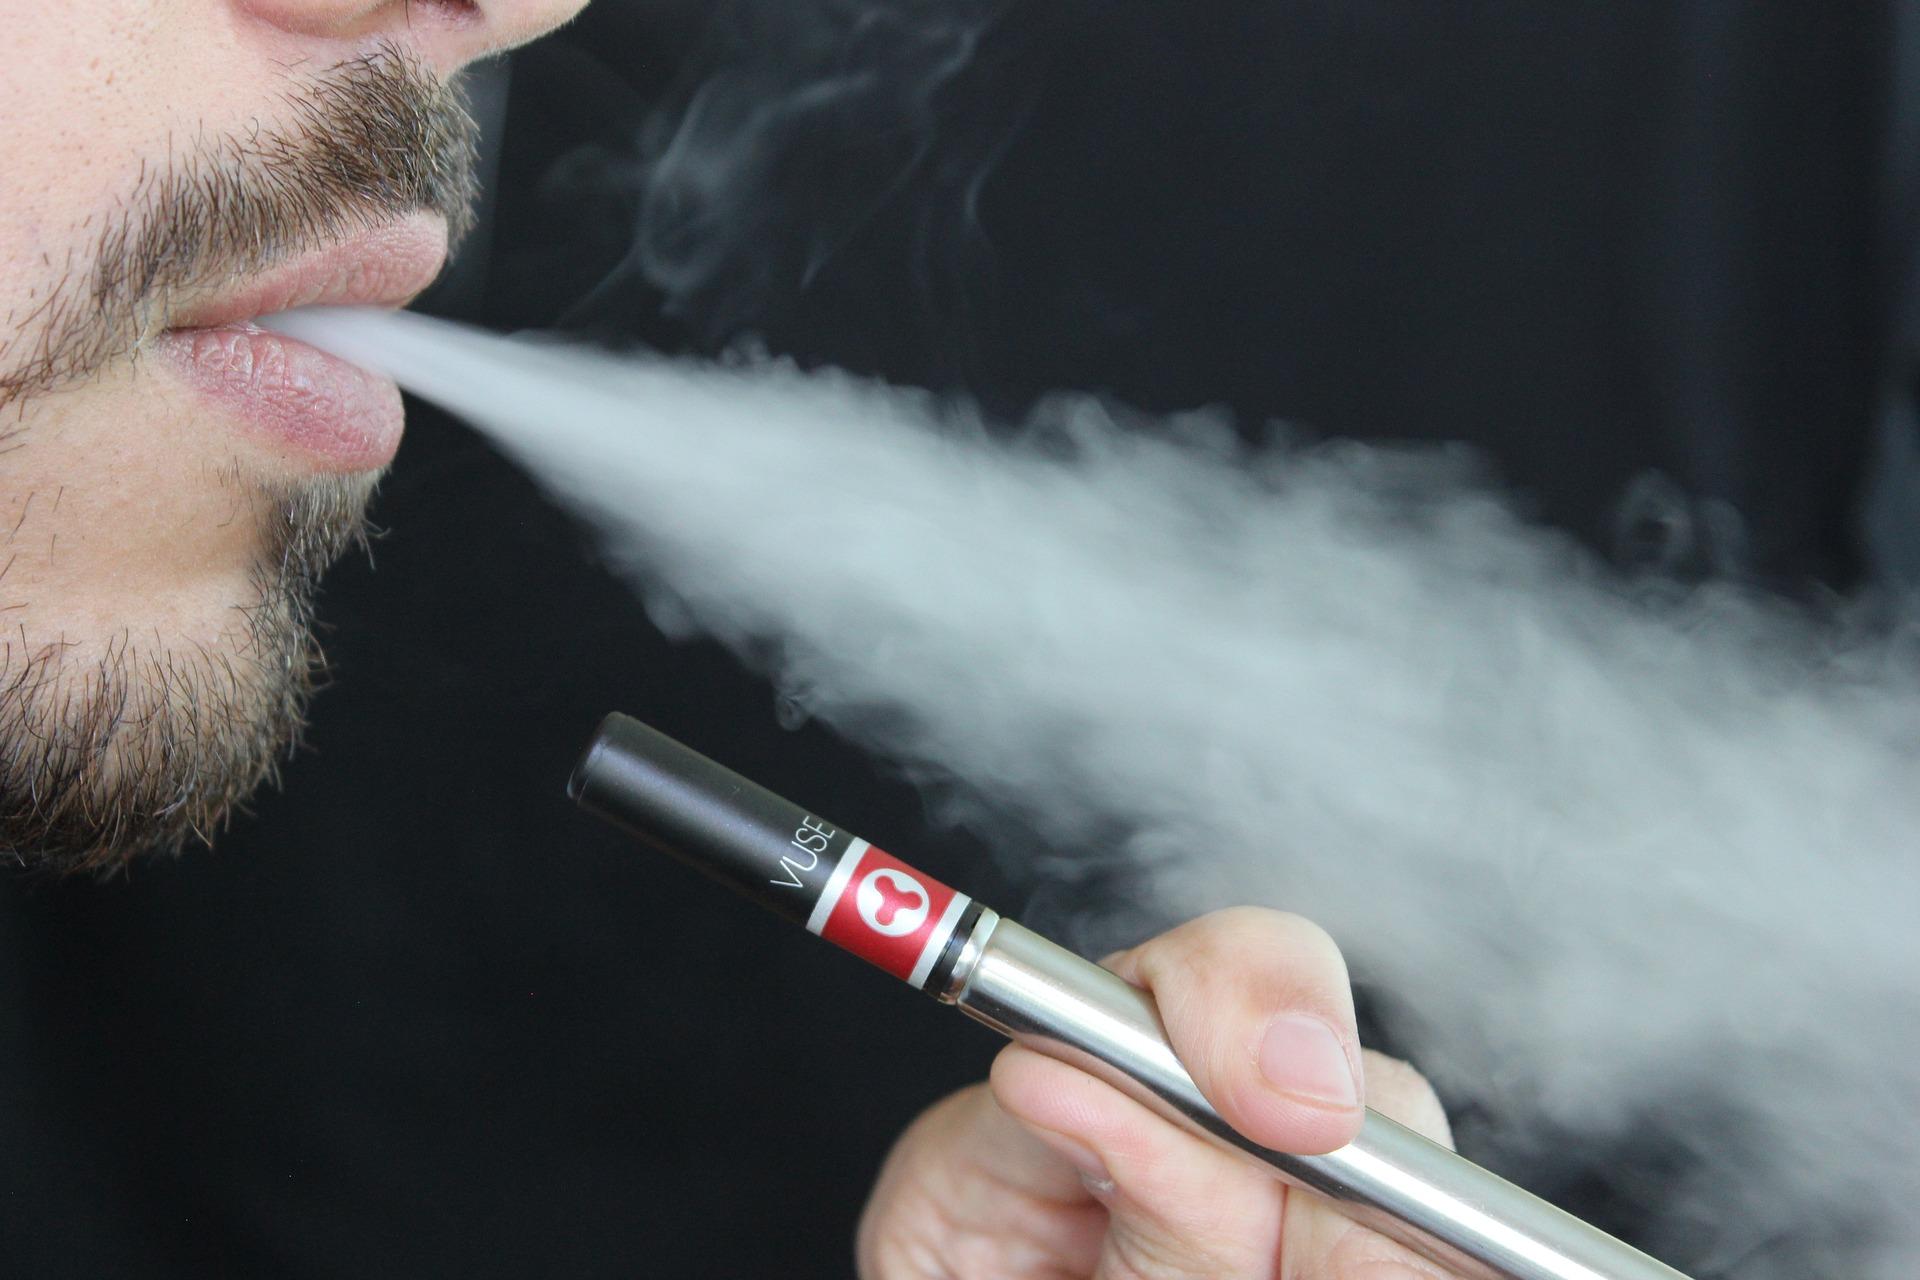 États-Unis : baisse de 13 % du marché de l'e-cigarette